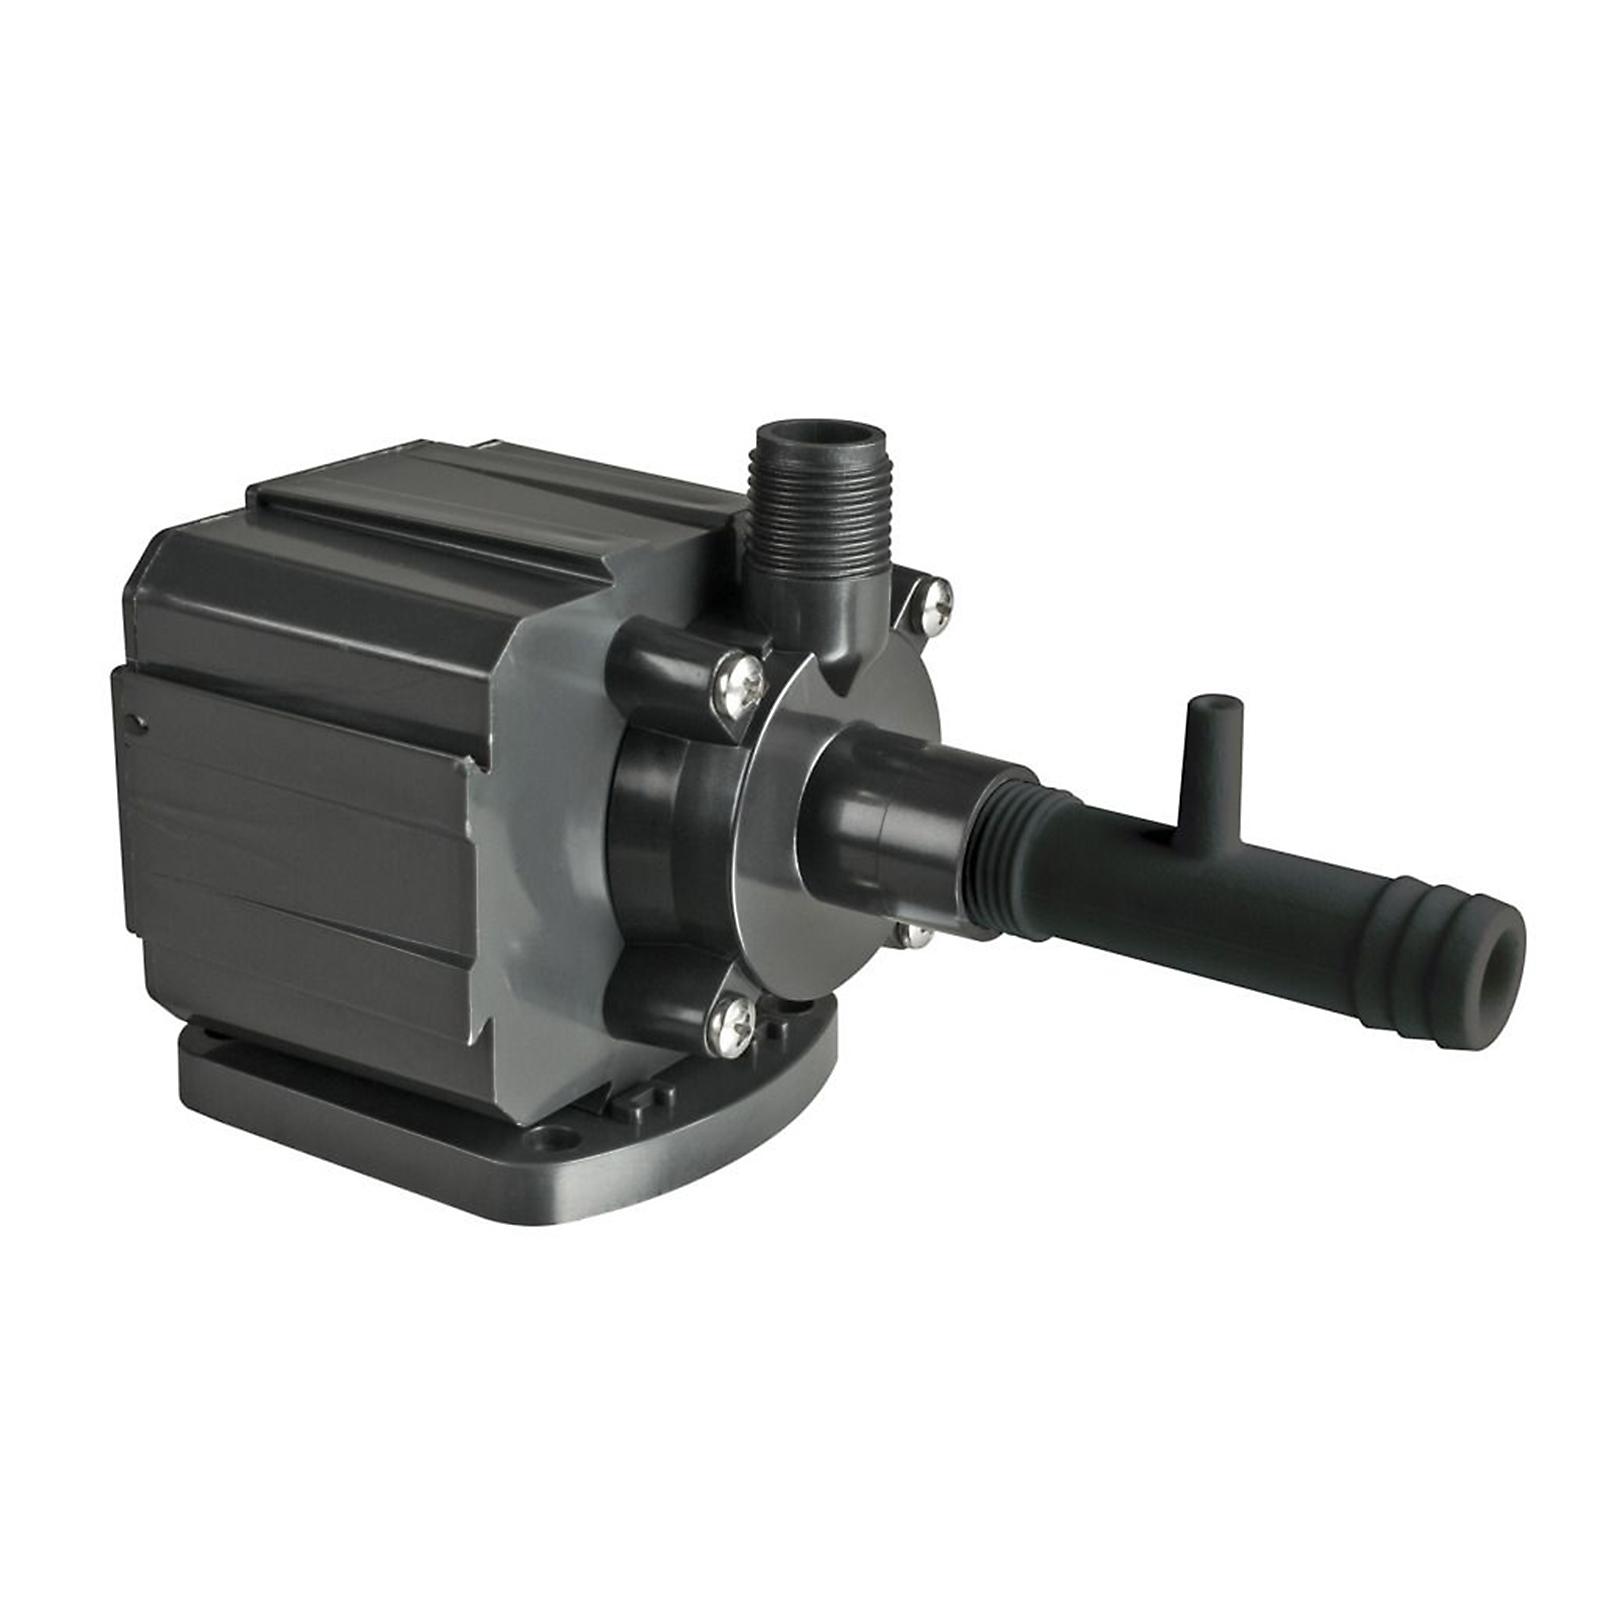 E.G. Danner 40123 Supreme Hydroponic 350GPH Utility Pump W/Venturi